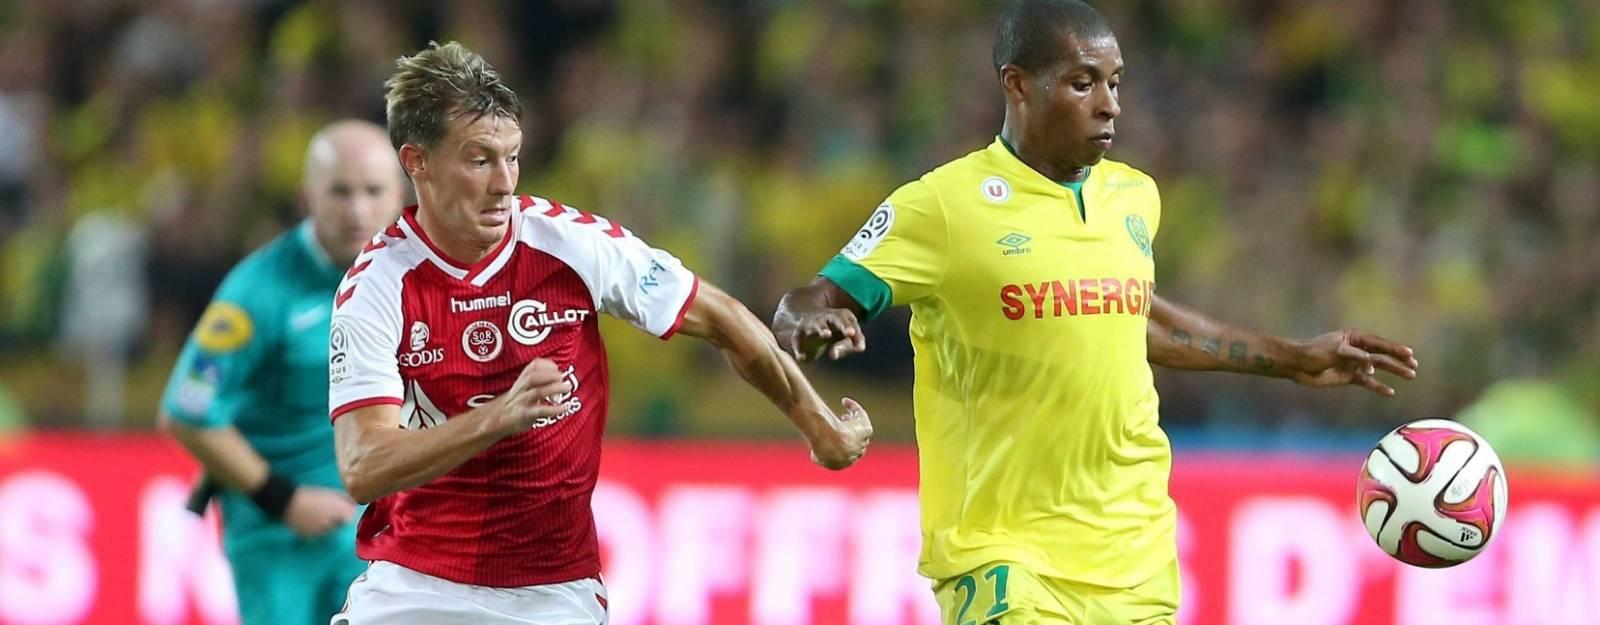 Le match à ne pas manquer ce week-end : Nantes-Reims